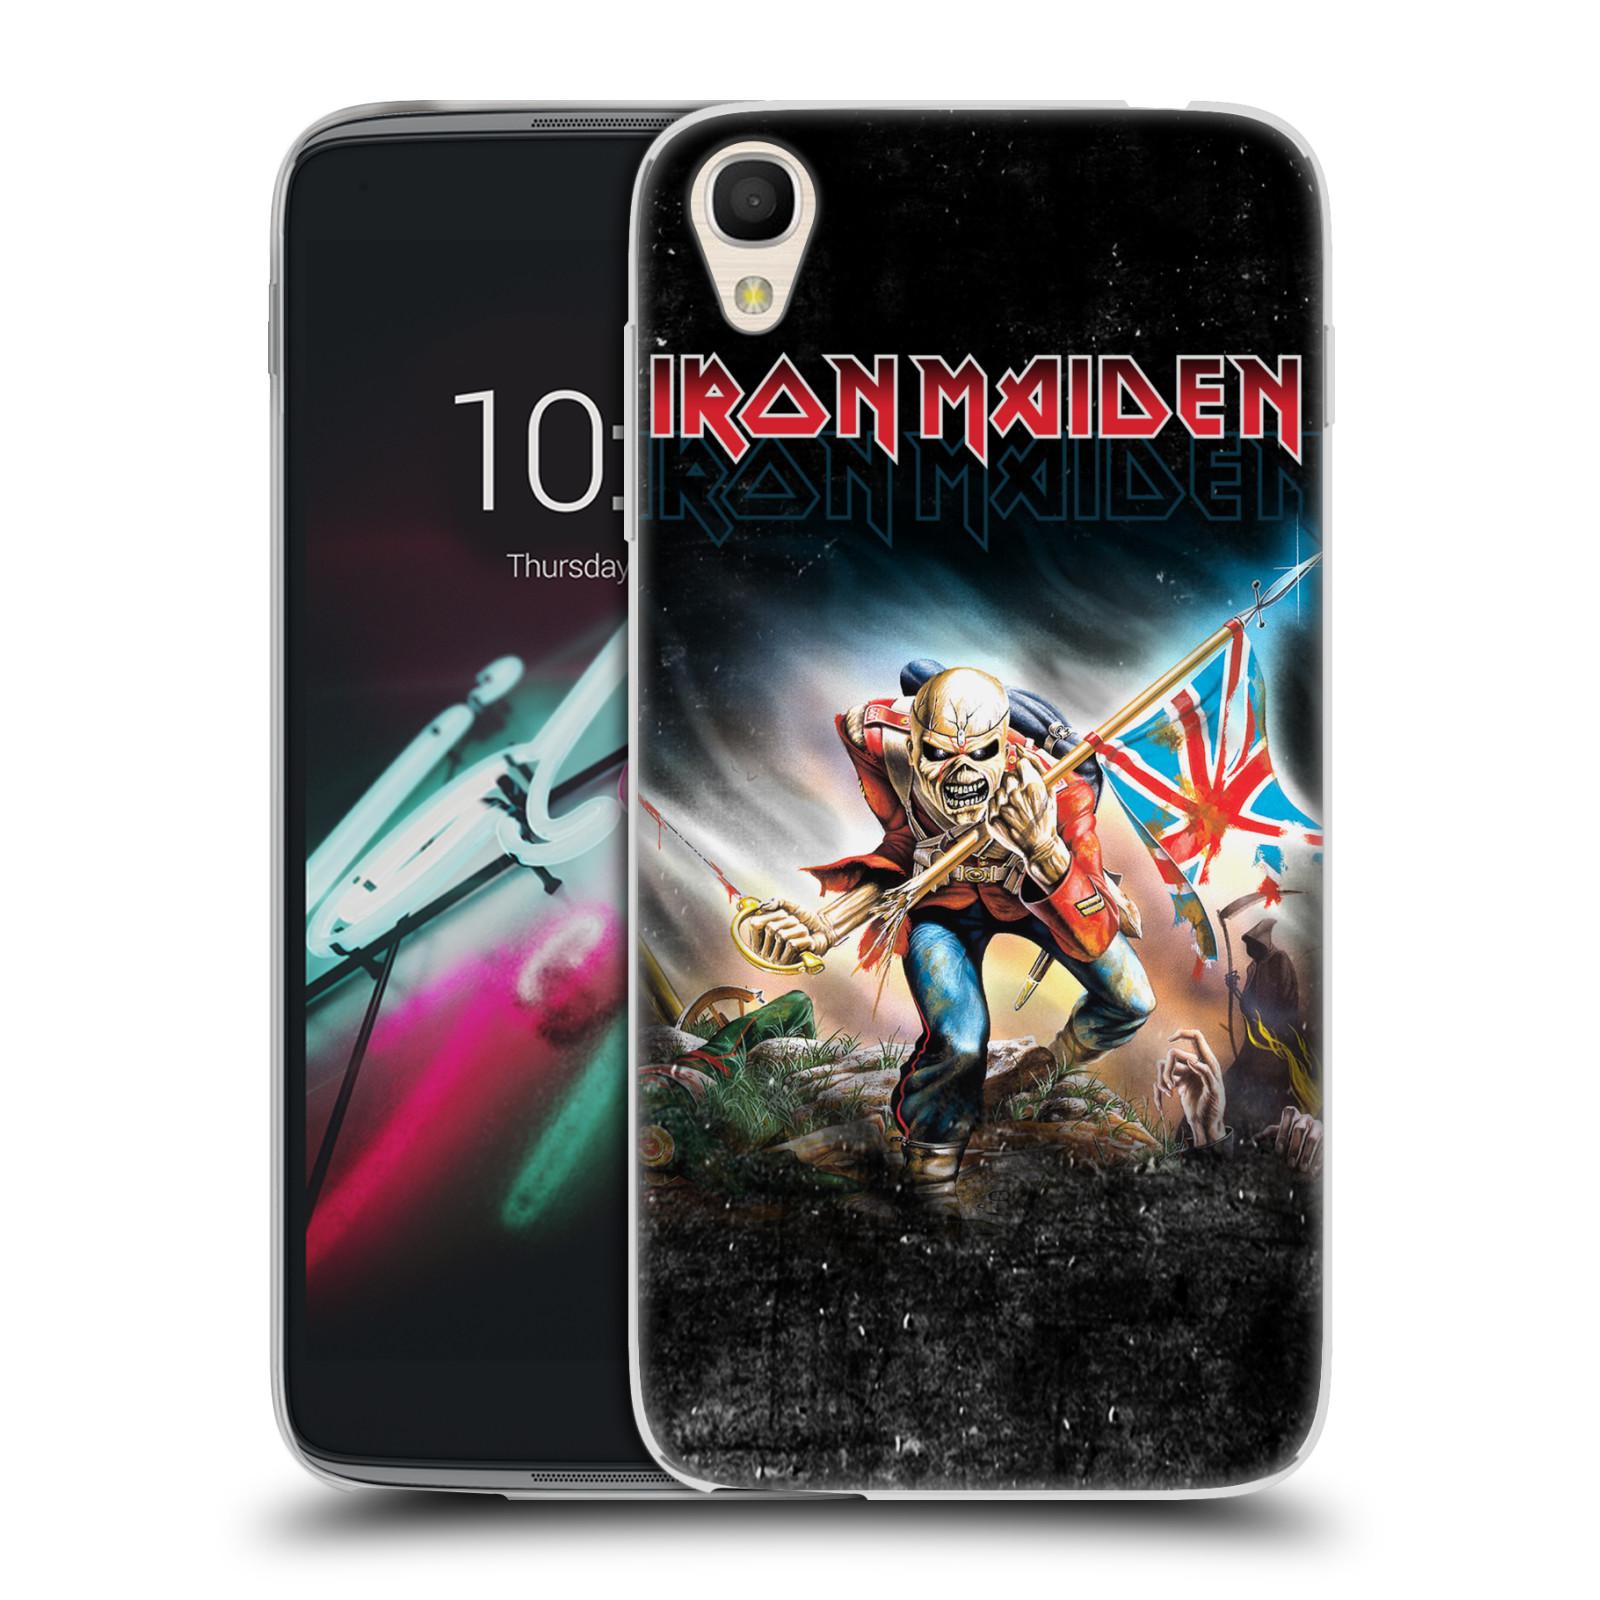 """Silikonové pouzdro na mobil Alcatel One Touch 6039Y Idol 3 HEAD CASE - Iron Maiden - Trooper 2016 (Silikonový kryt či obal na mobilní telefon s licencovaným motivem Iron Maiden Alcatel One Touch Idol 3 OT-6039Y s 4,7"""" displejem)"""